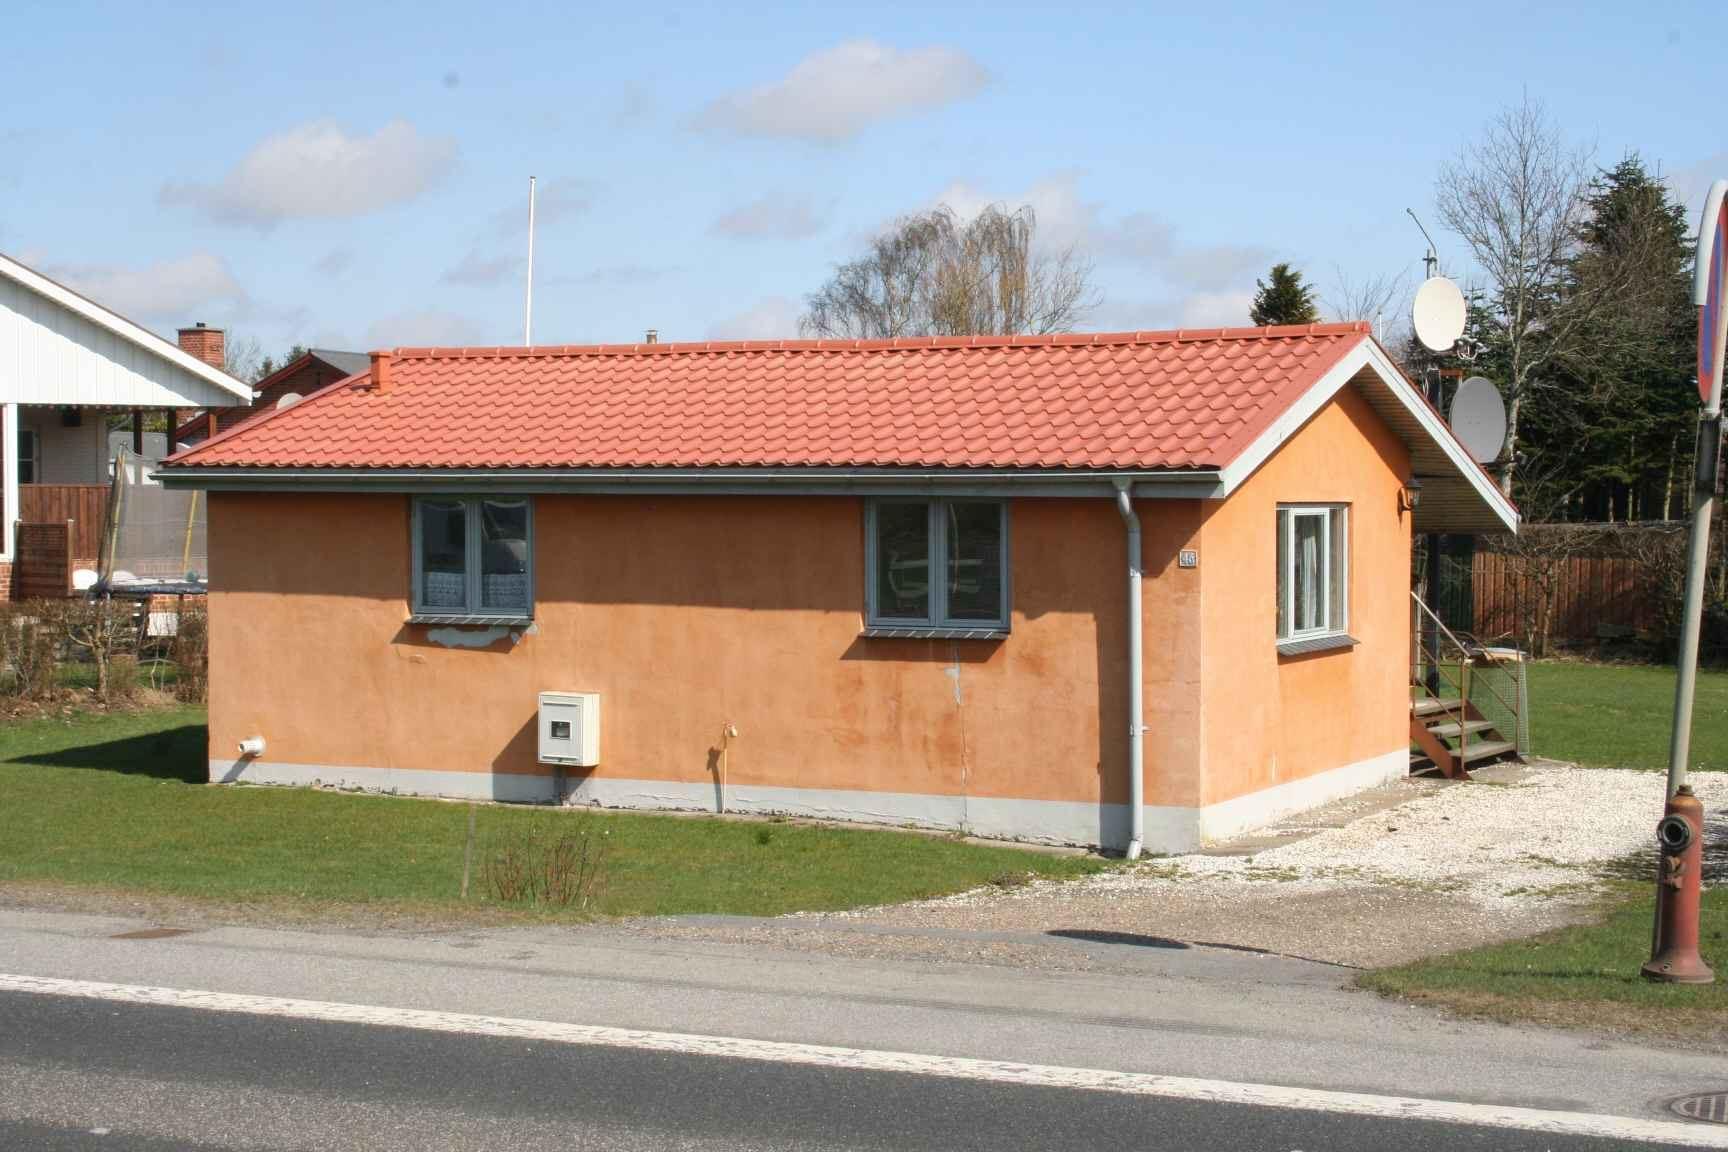 Grønhøj Skivevej 46, 7470 Karup J